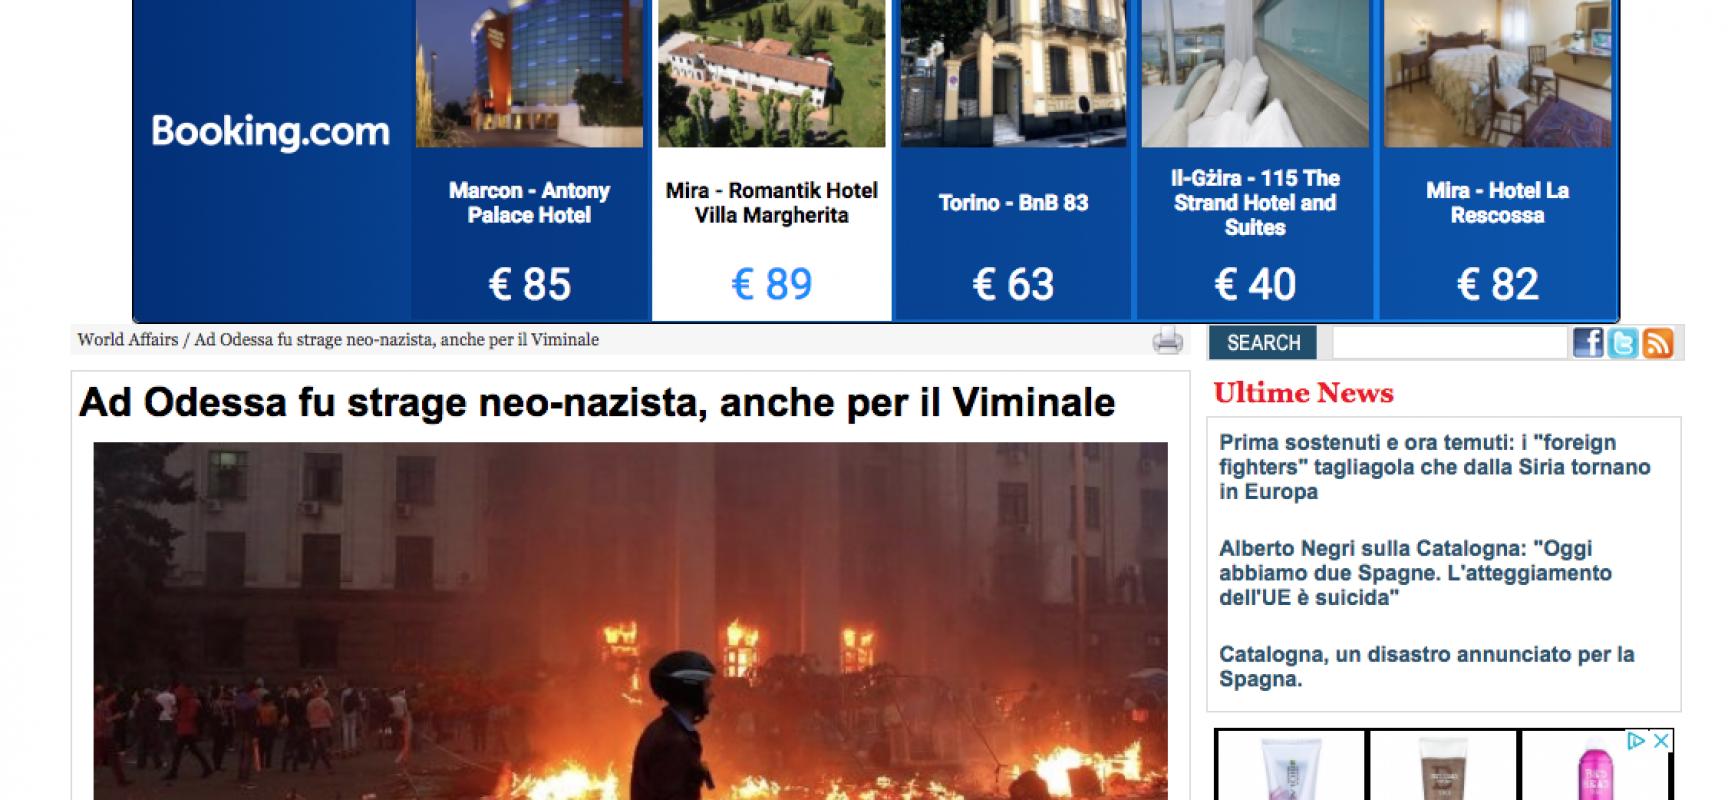 Fake : Ad Odessa fu strage neo-nazista, anche per il Viminale